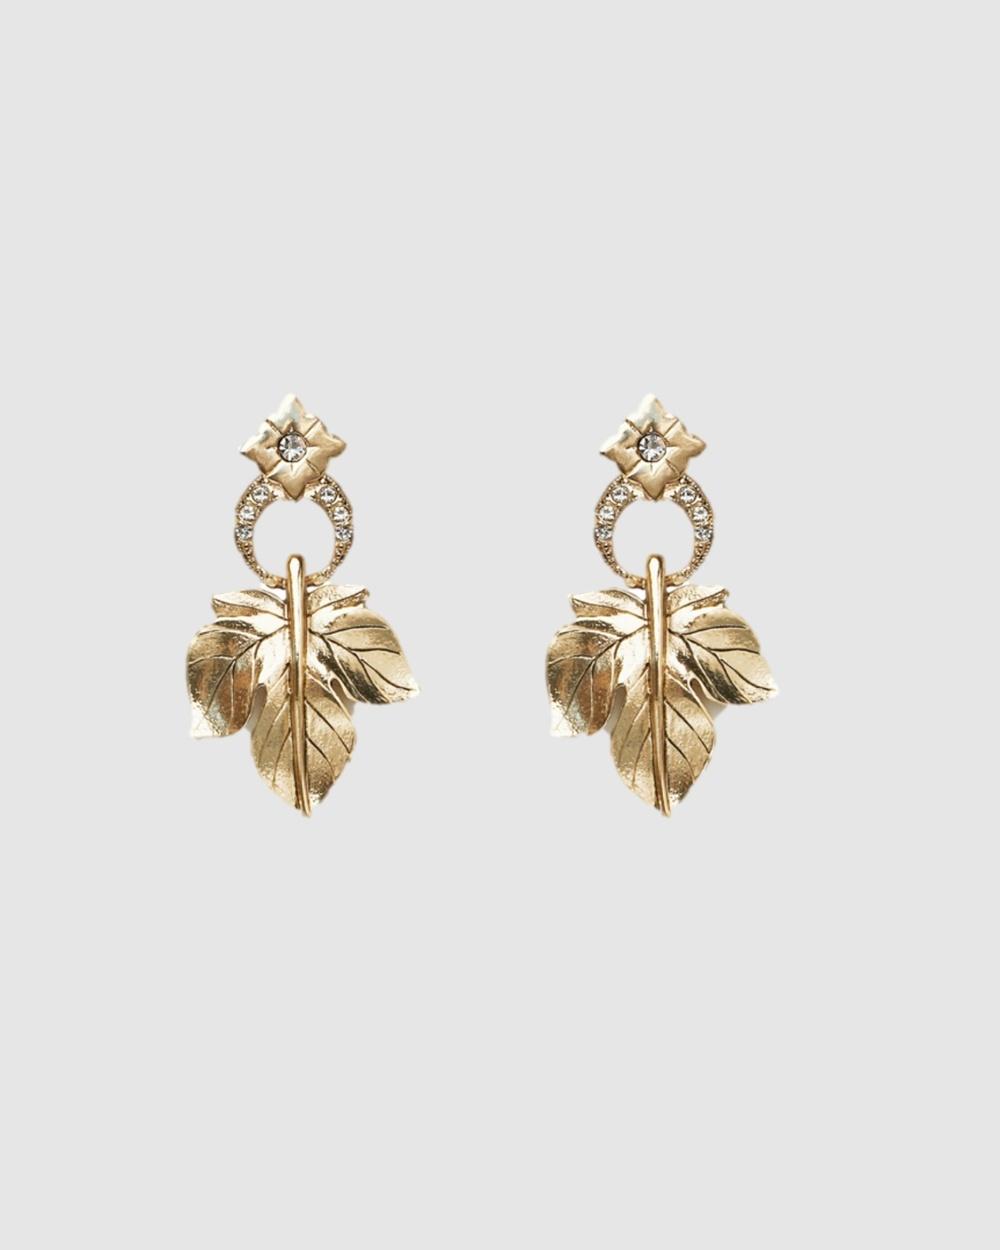 Kitte Ambrosia Earrings Jewellery Gold